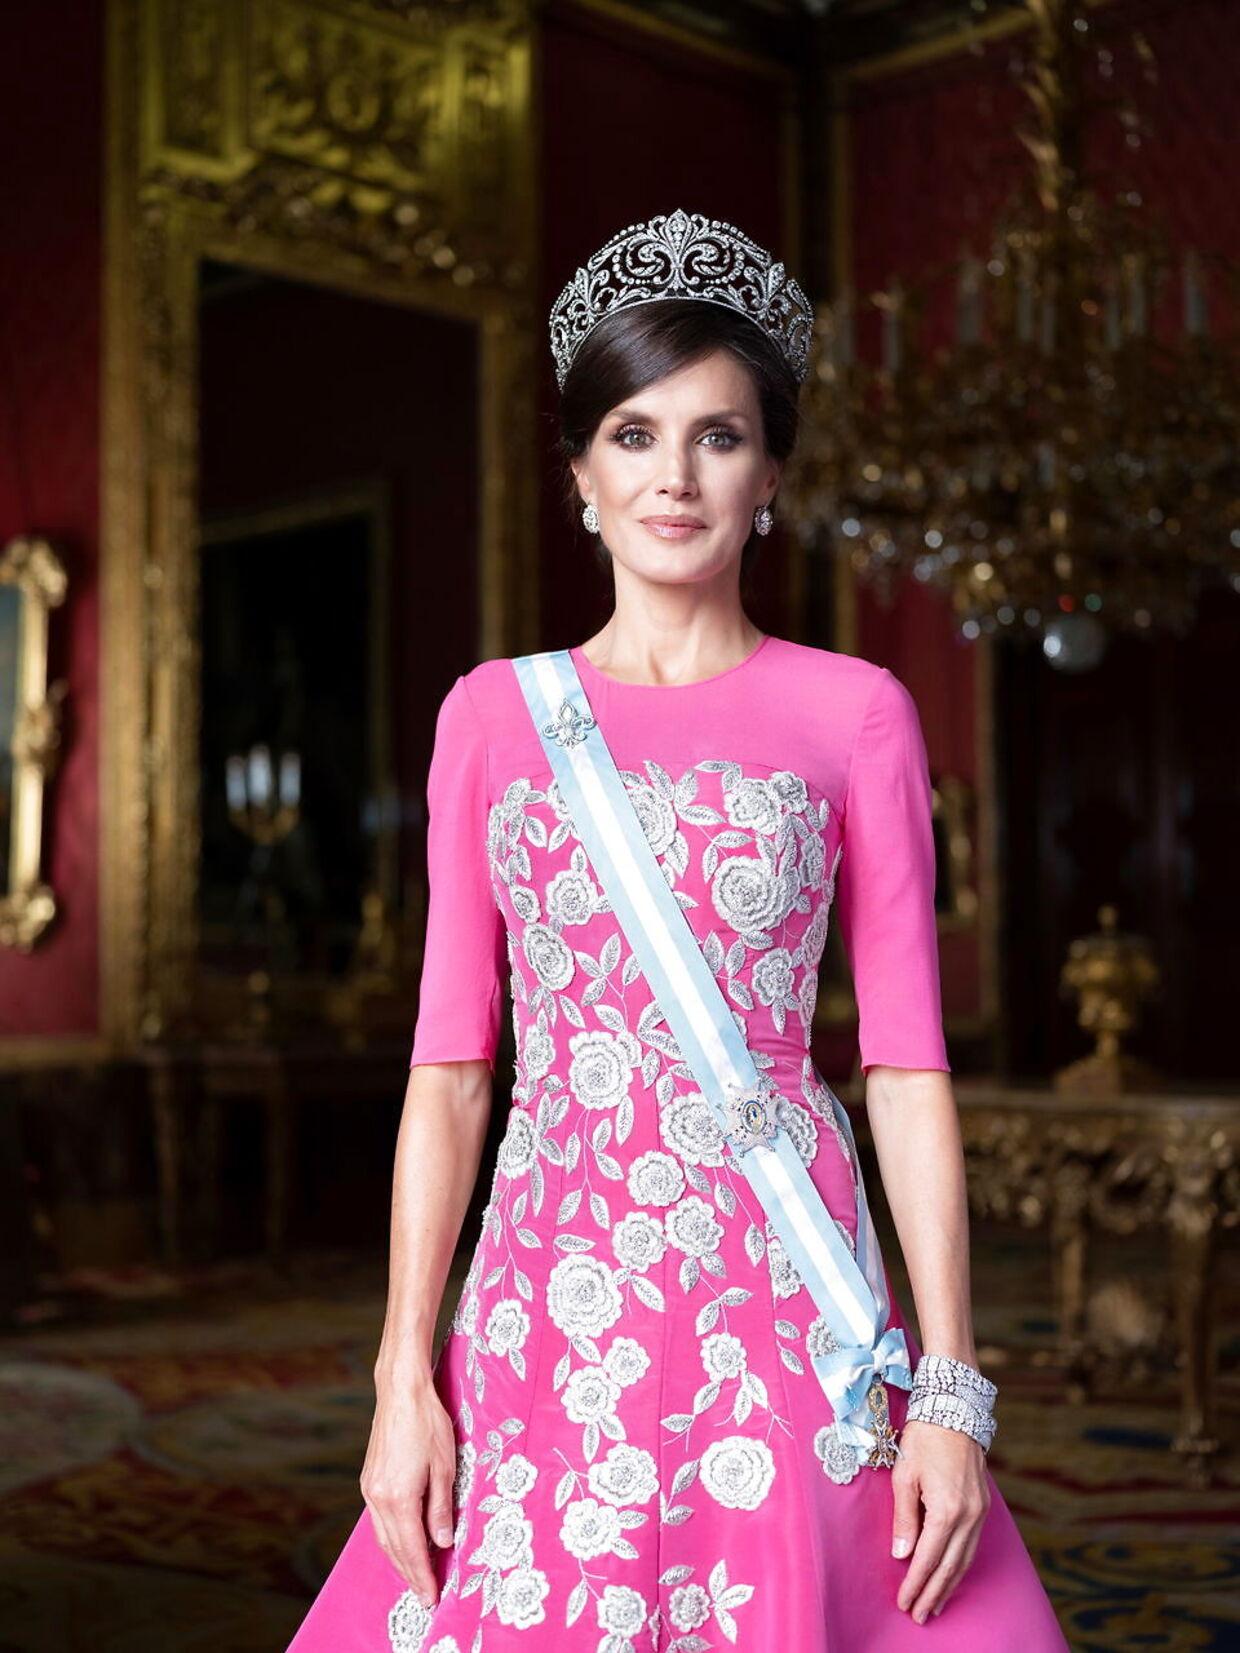 Dronning Letizia ser fantastisk ud i denne kjole lavet specielt til hende af Carolina Herrera. Kjolen blev brugt første gang, da hun i oktober overværede kroningen af den japanske kejser. På hovedet bærer hun en krone ved navn 'Tiara de las Flores de Lis', som har været i den spanske kongefamilie siden 1906.